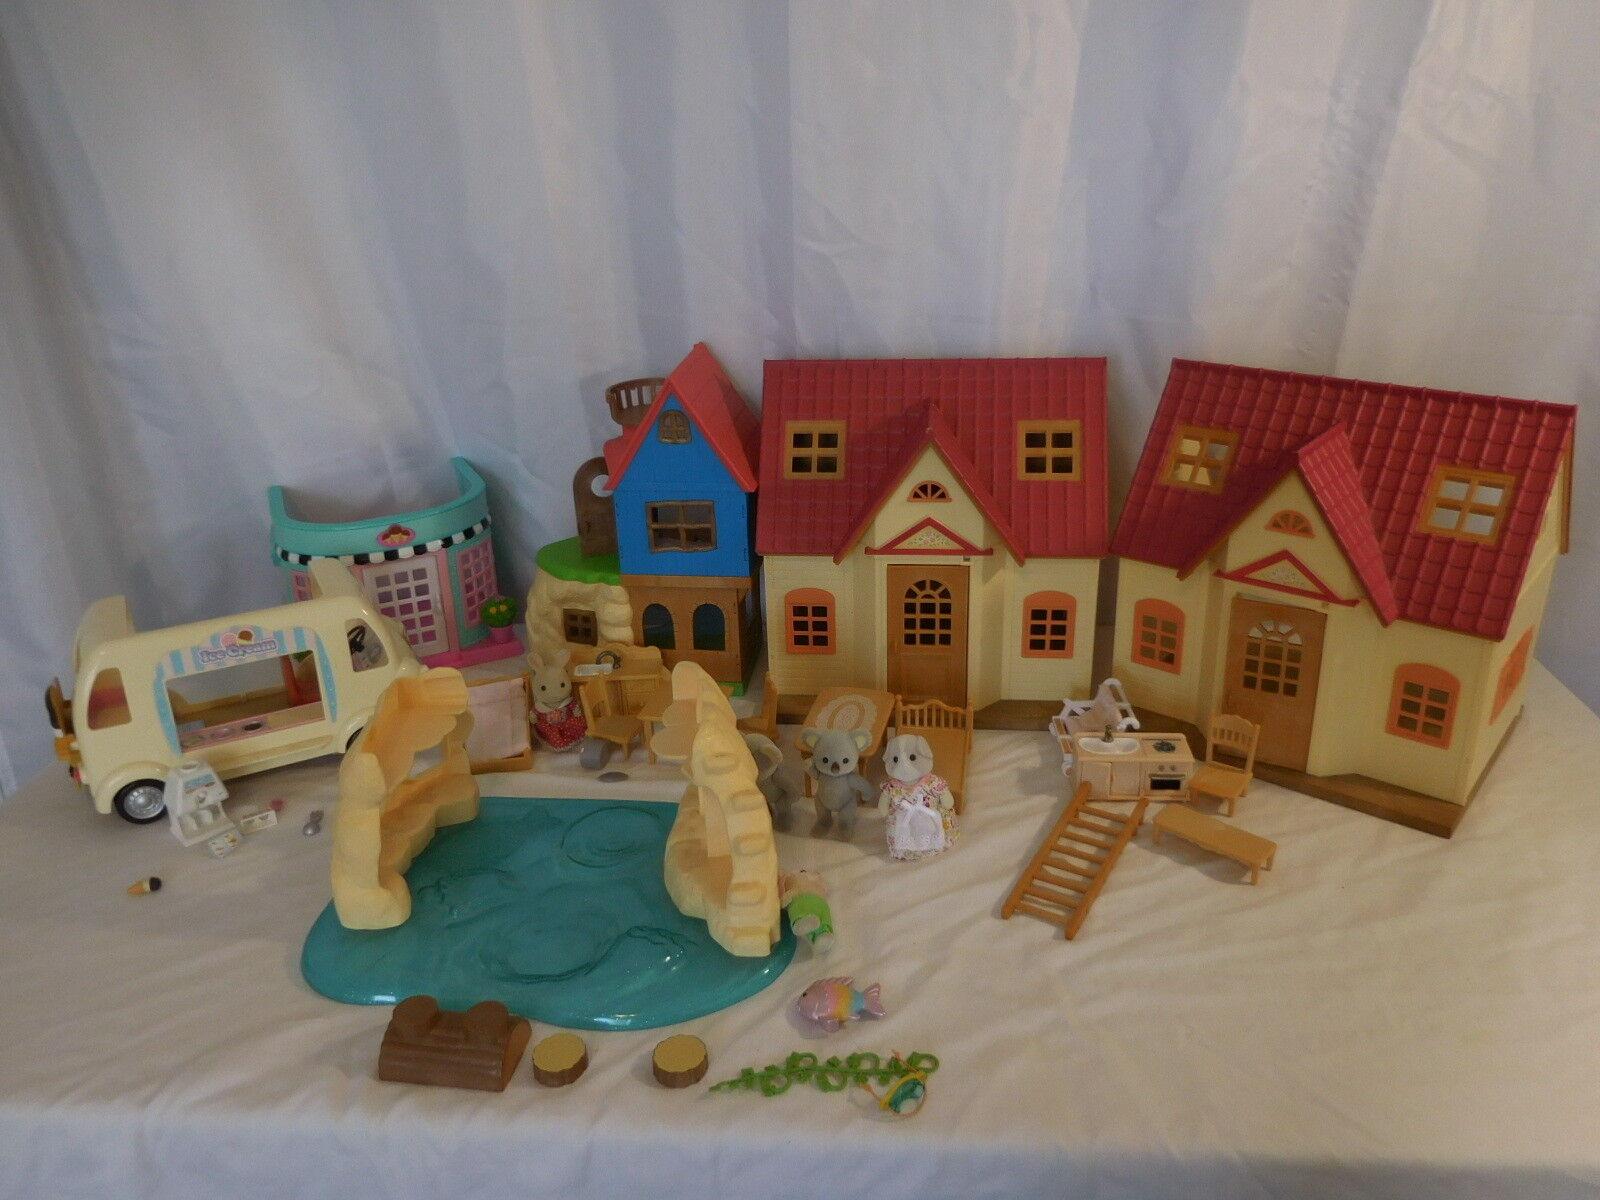 Bunte viecher viele gemtlichen landhaus zu hause lakeside lodge geheimen insel playhouse +